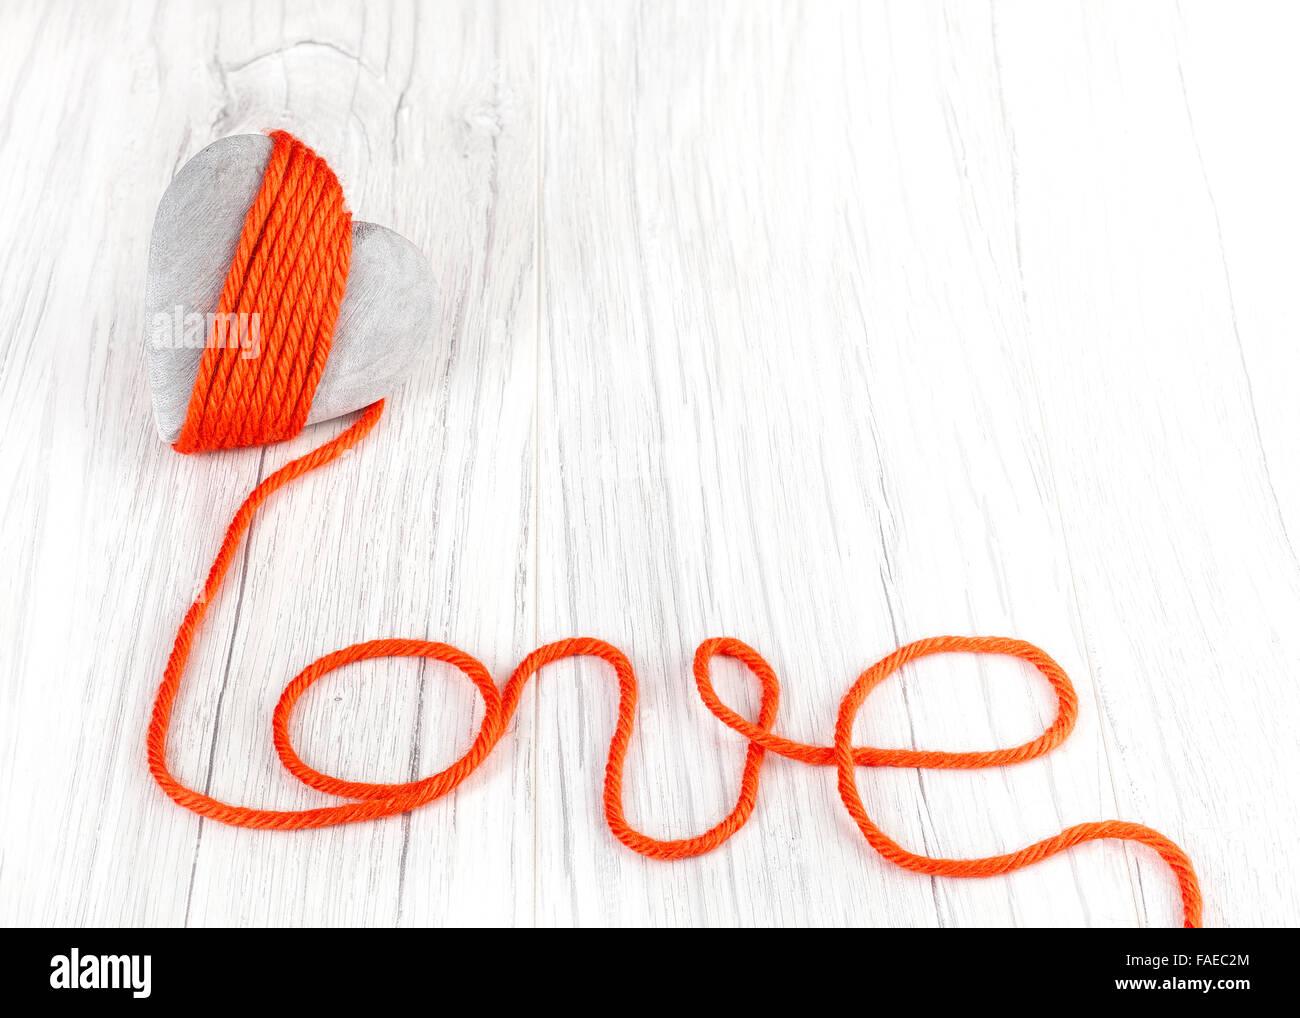 Coeur en bois avec fil rouge signe d'amour, de l'espace pour le texte. Photo Stock